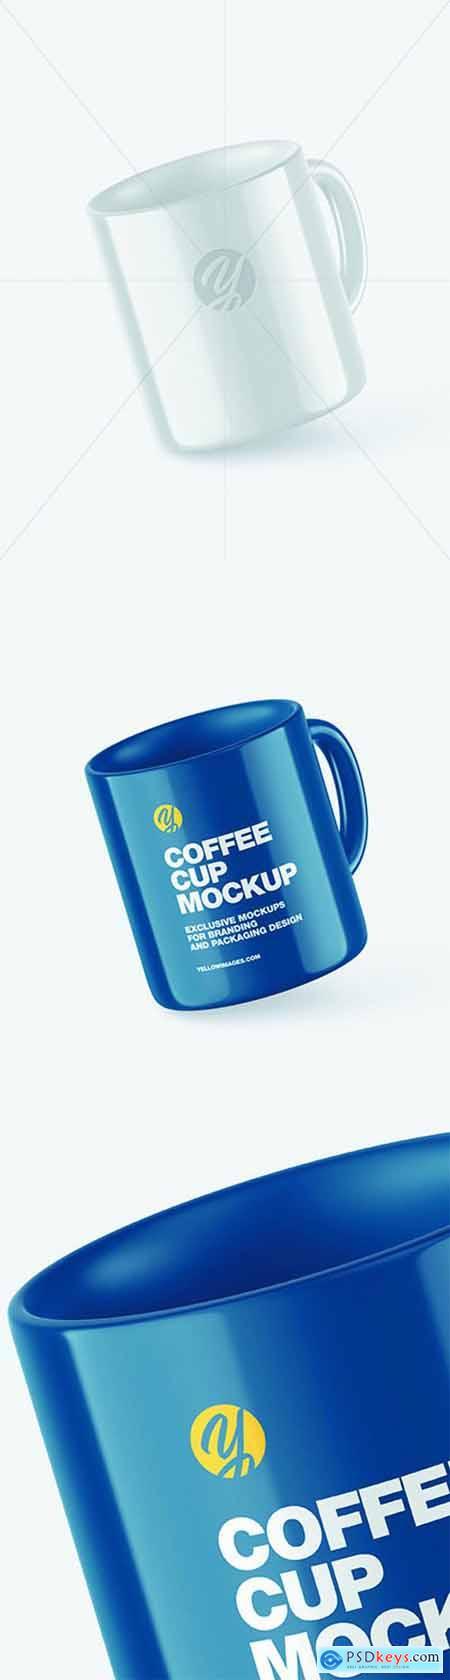 Glossy Coffee Cup Mockup 68869